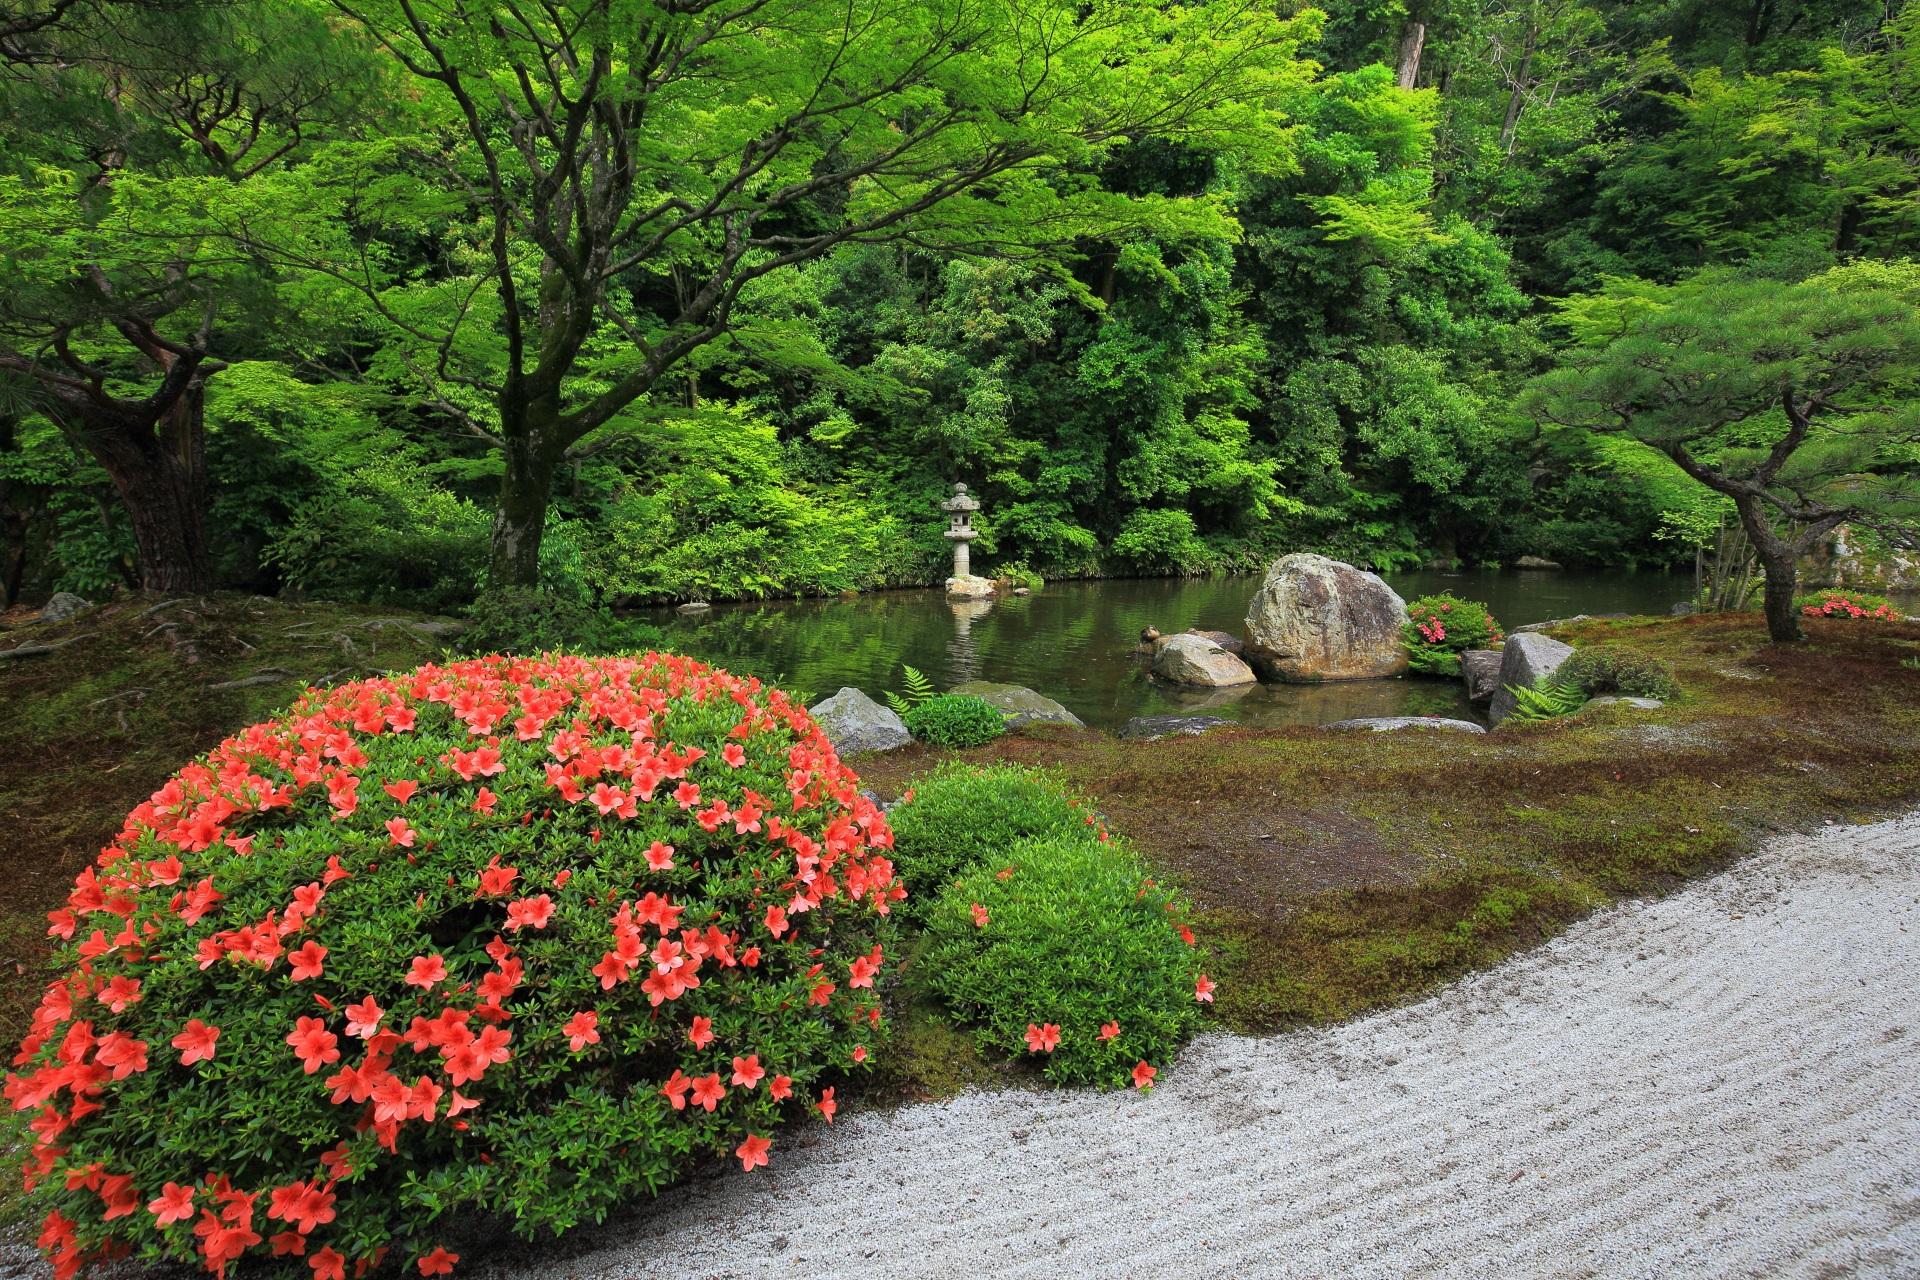 方丈庭園の春の水辺を彩る鮮やかなサツキと蟷螂